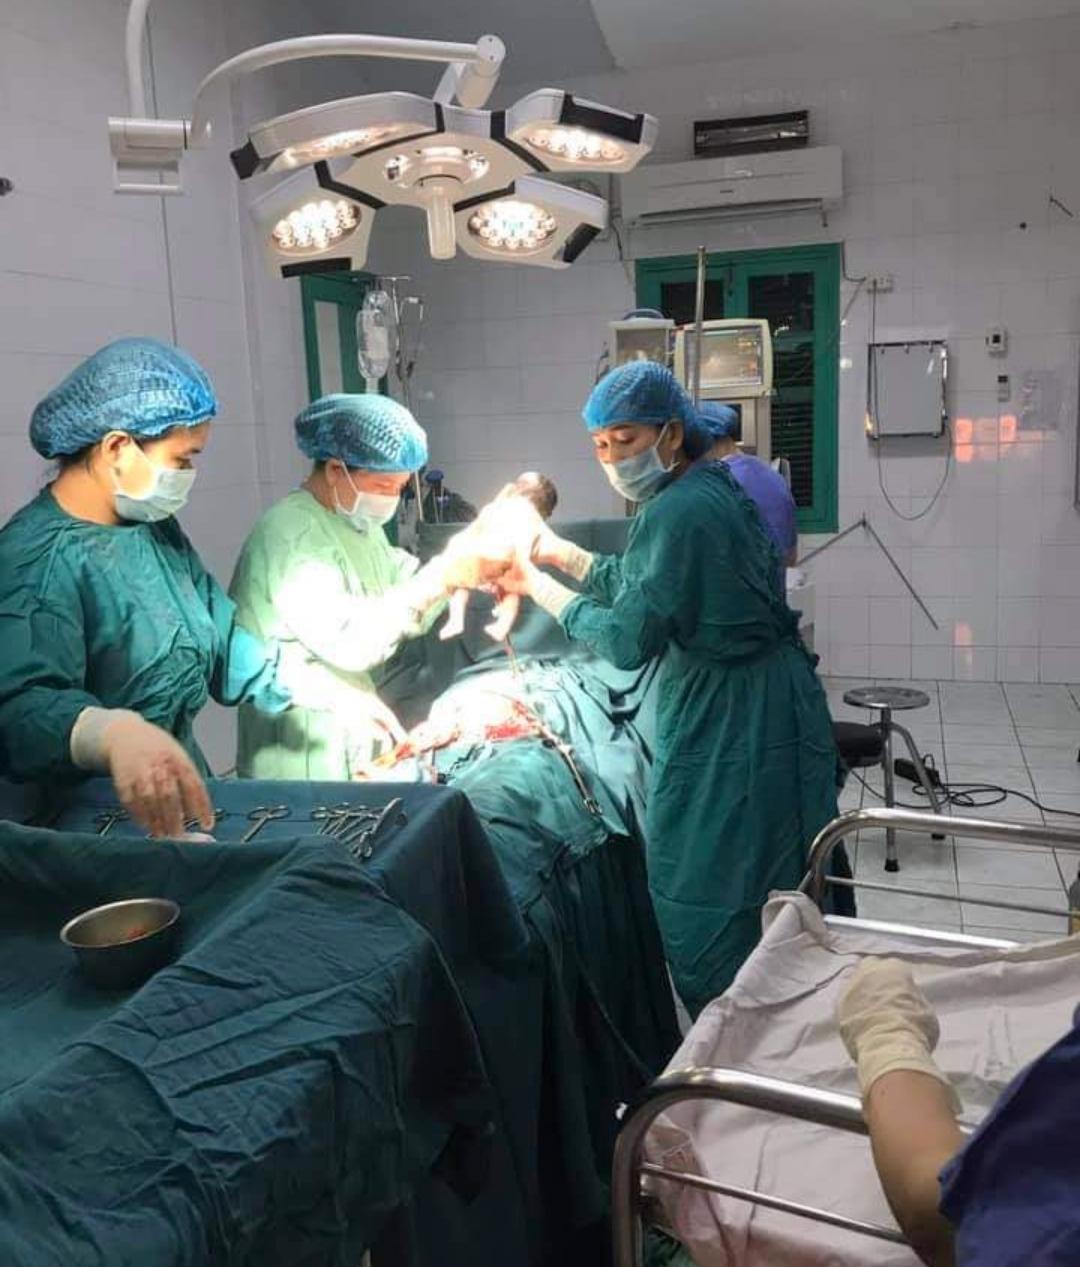 Trung tâm Y tế huyện Hướng Hóa mổ đẻ cấp cứu thành công cho sản phụ H.T.A.R. - Ảnh: TTYT Hướng Hóa cung cấp